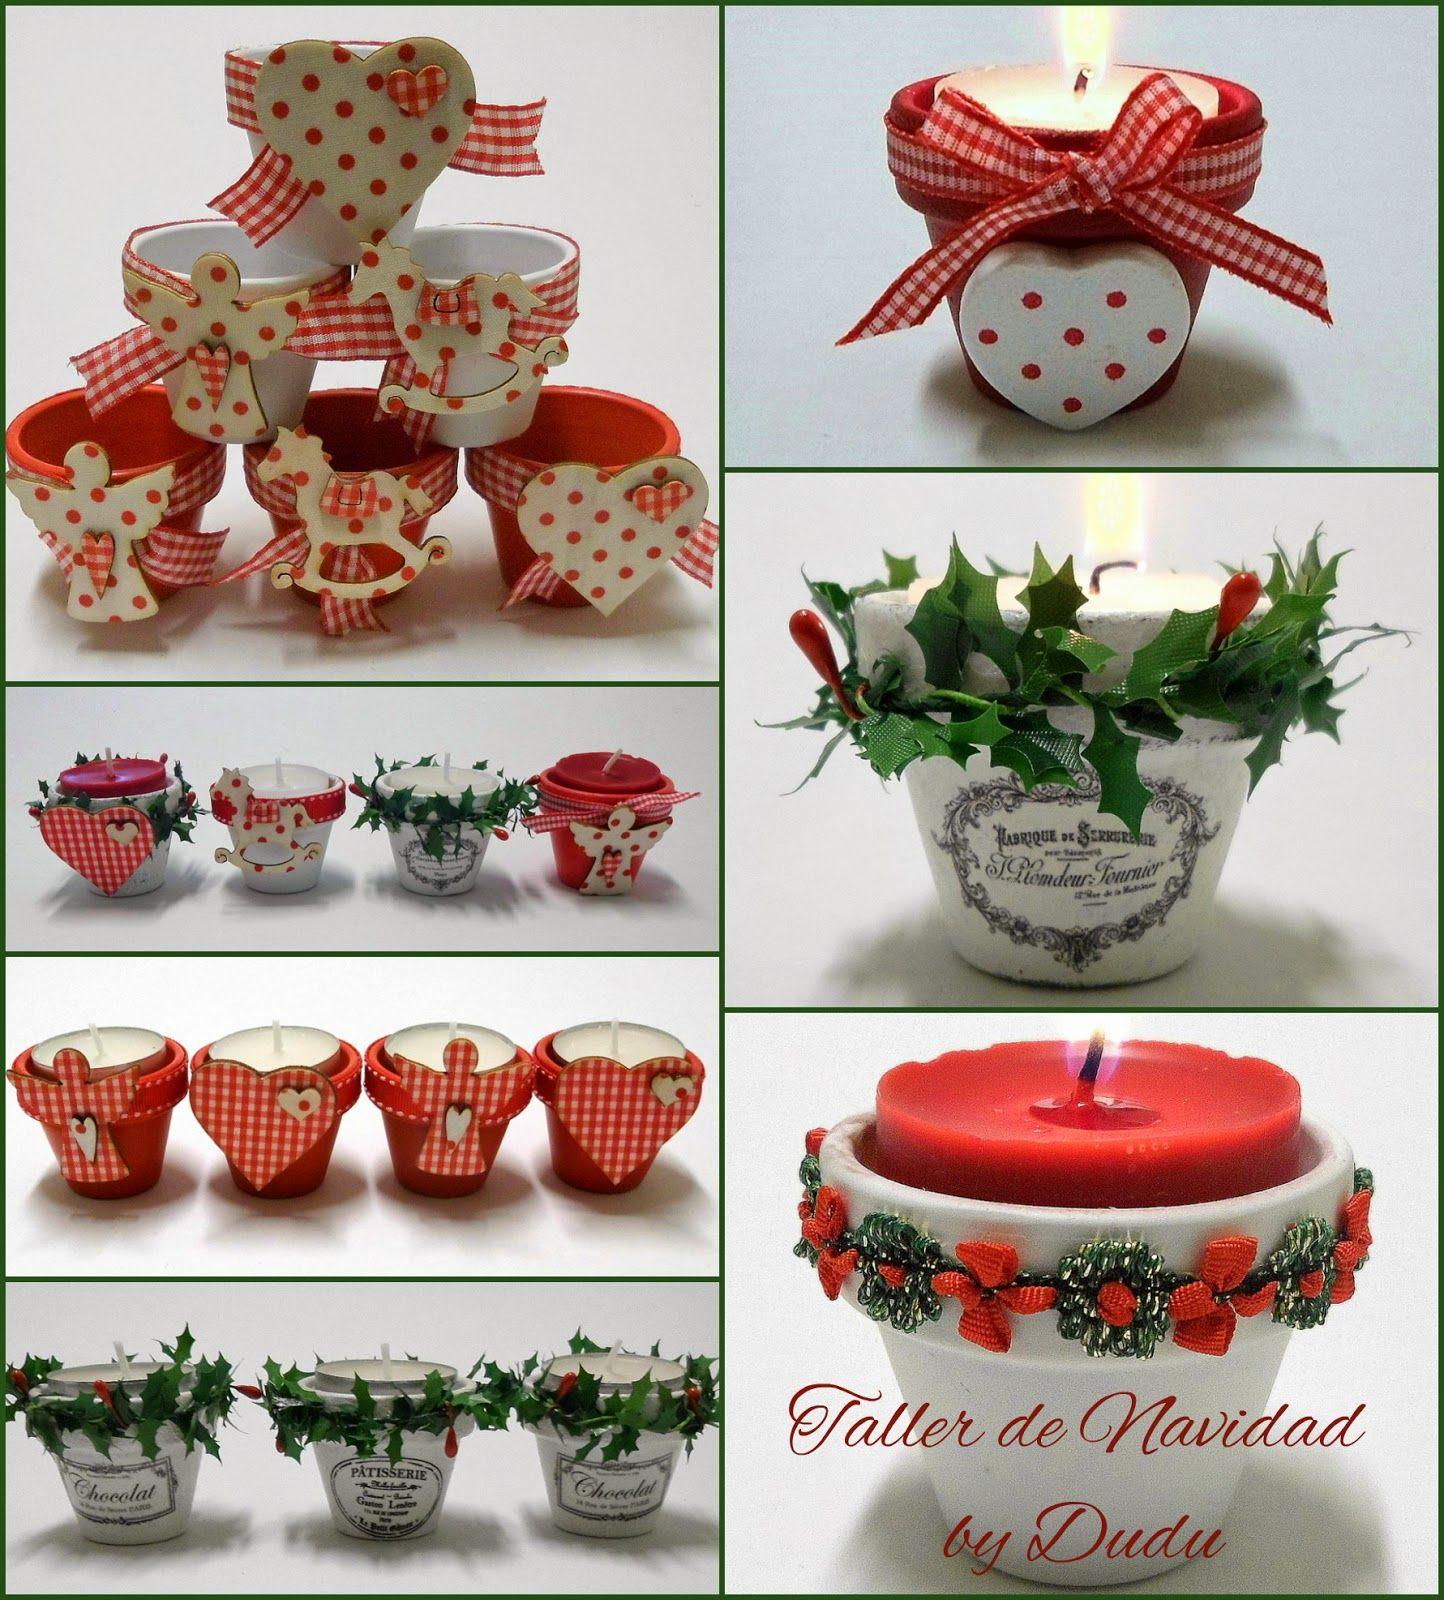 Algunas fotos del Taller que hicimos de decoración navideña. Yo me lo pasé genial y creo que no fui la única jeje. Desde aquí quiero ...